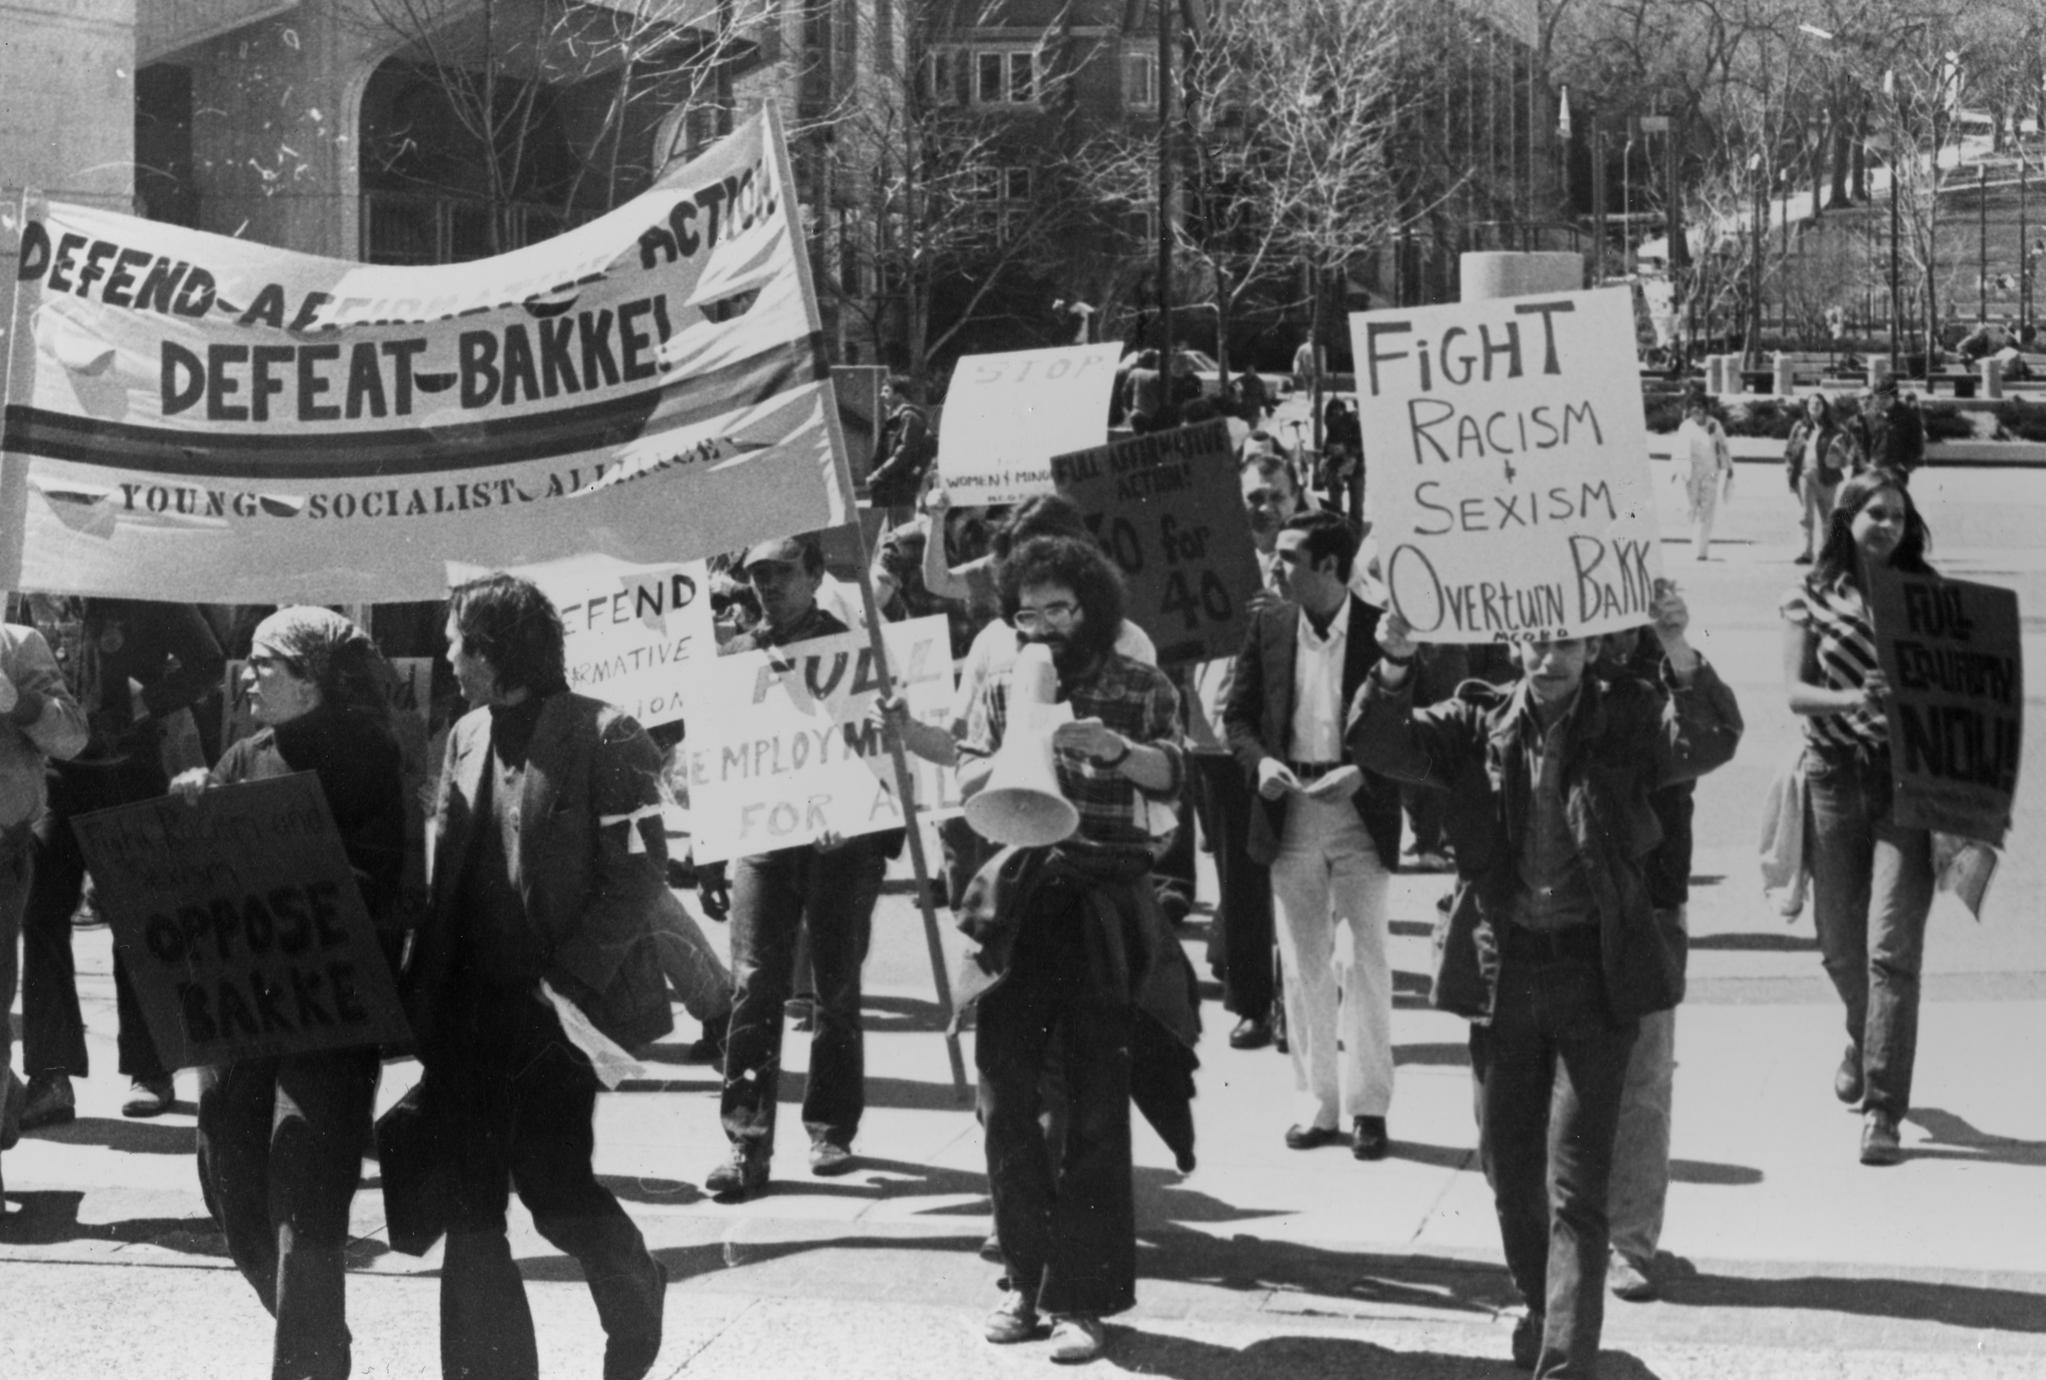 Anti-Bakke protest